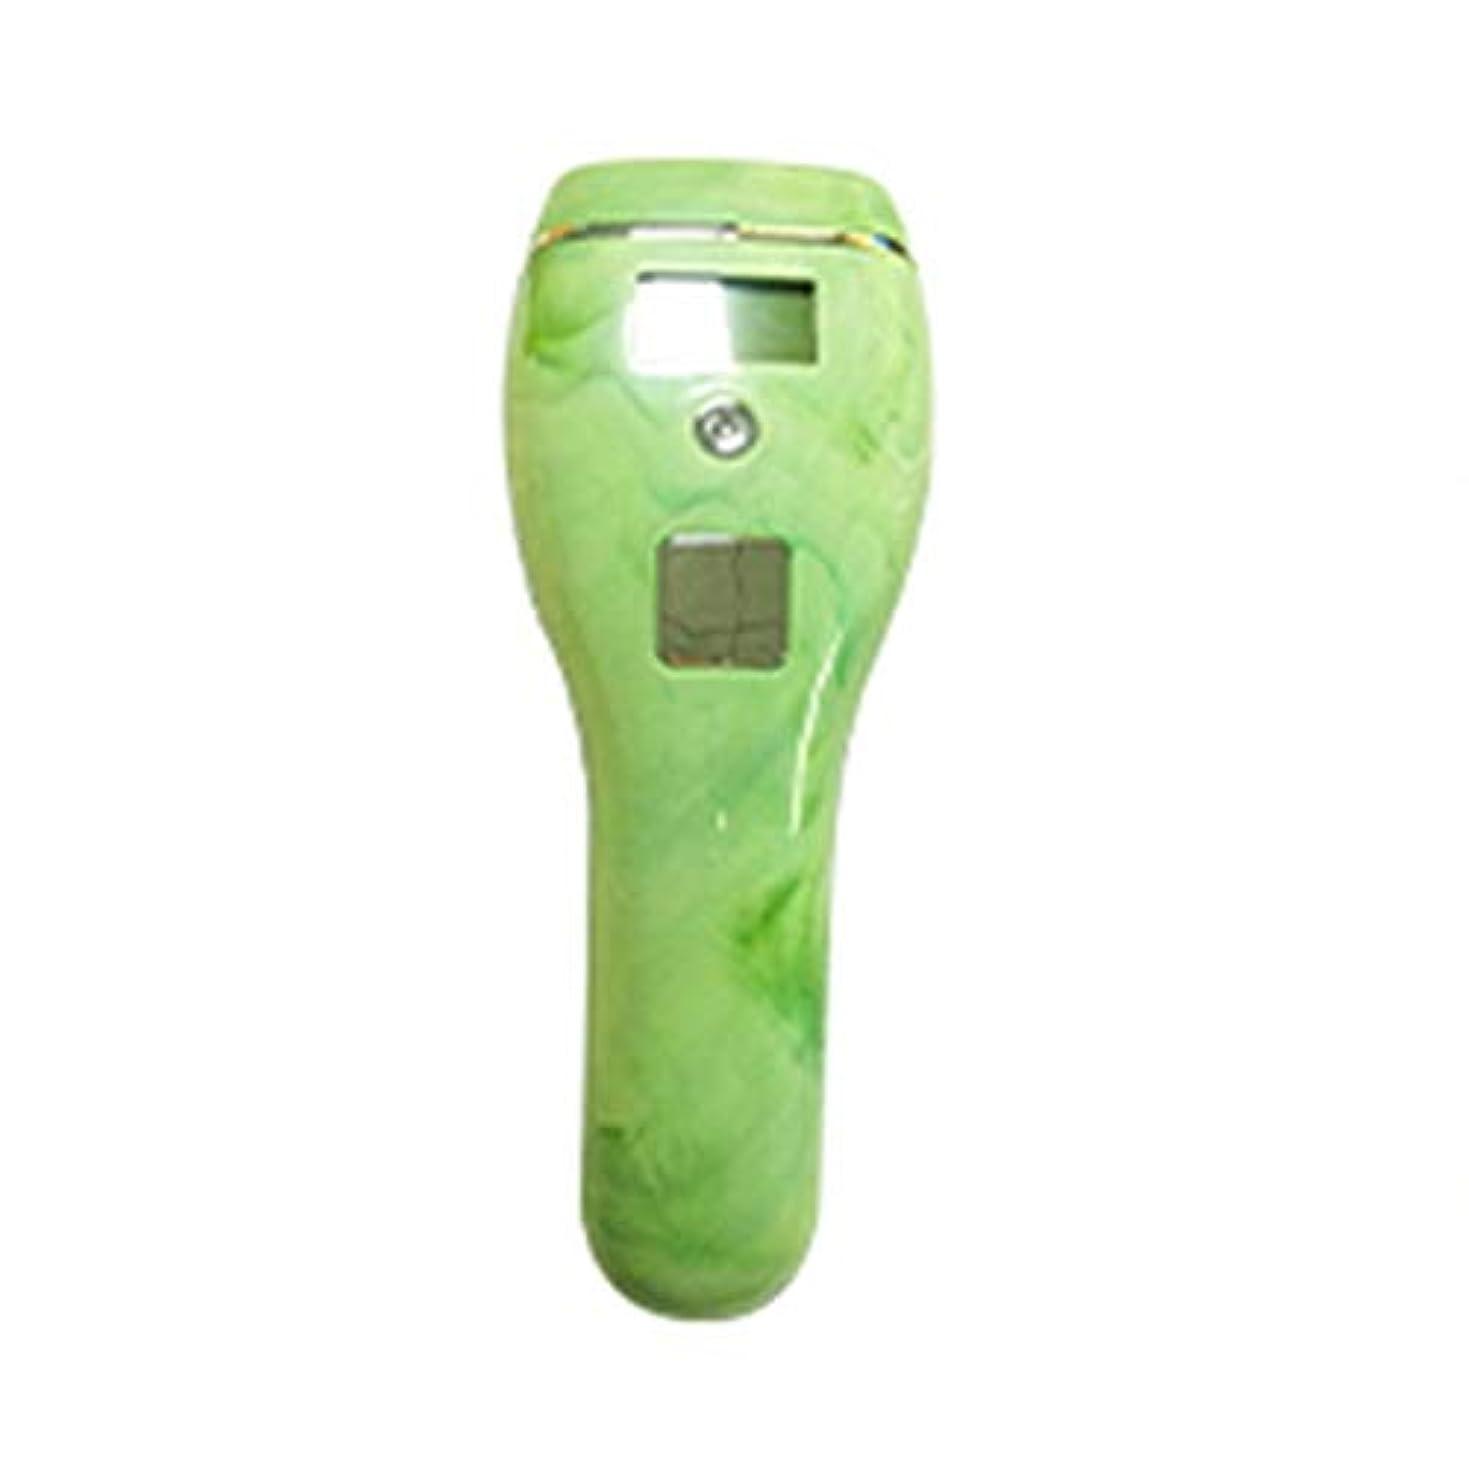 ダパイ 自動肌のカラーセンシング、グリーン、5速調整、クォーツチューブ、携帯用痛みのない全身凍結乾燥用除湿器、サイズ19x7x5cm U546 (Color : Green)